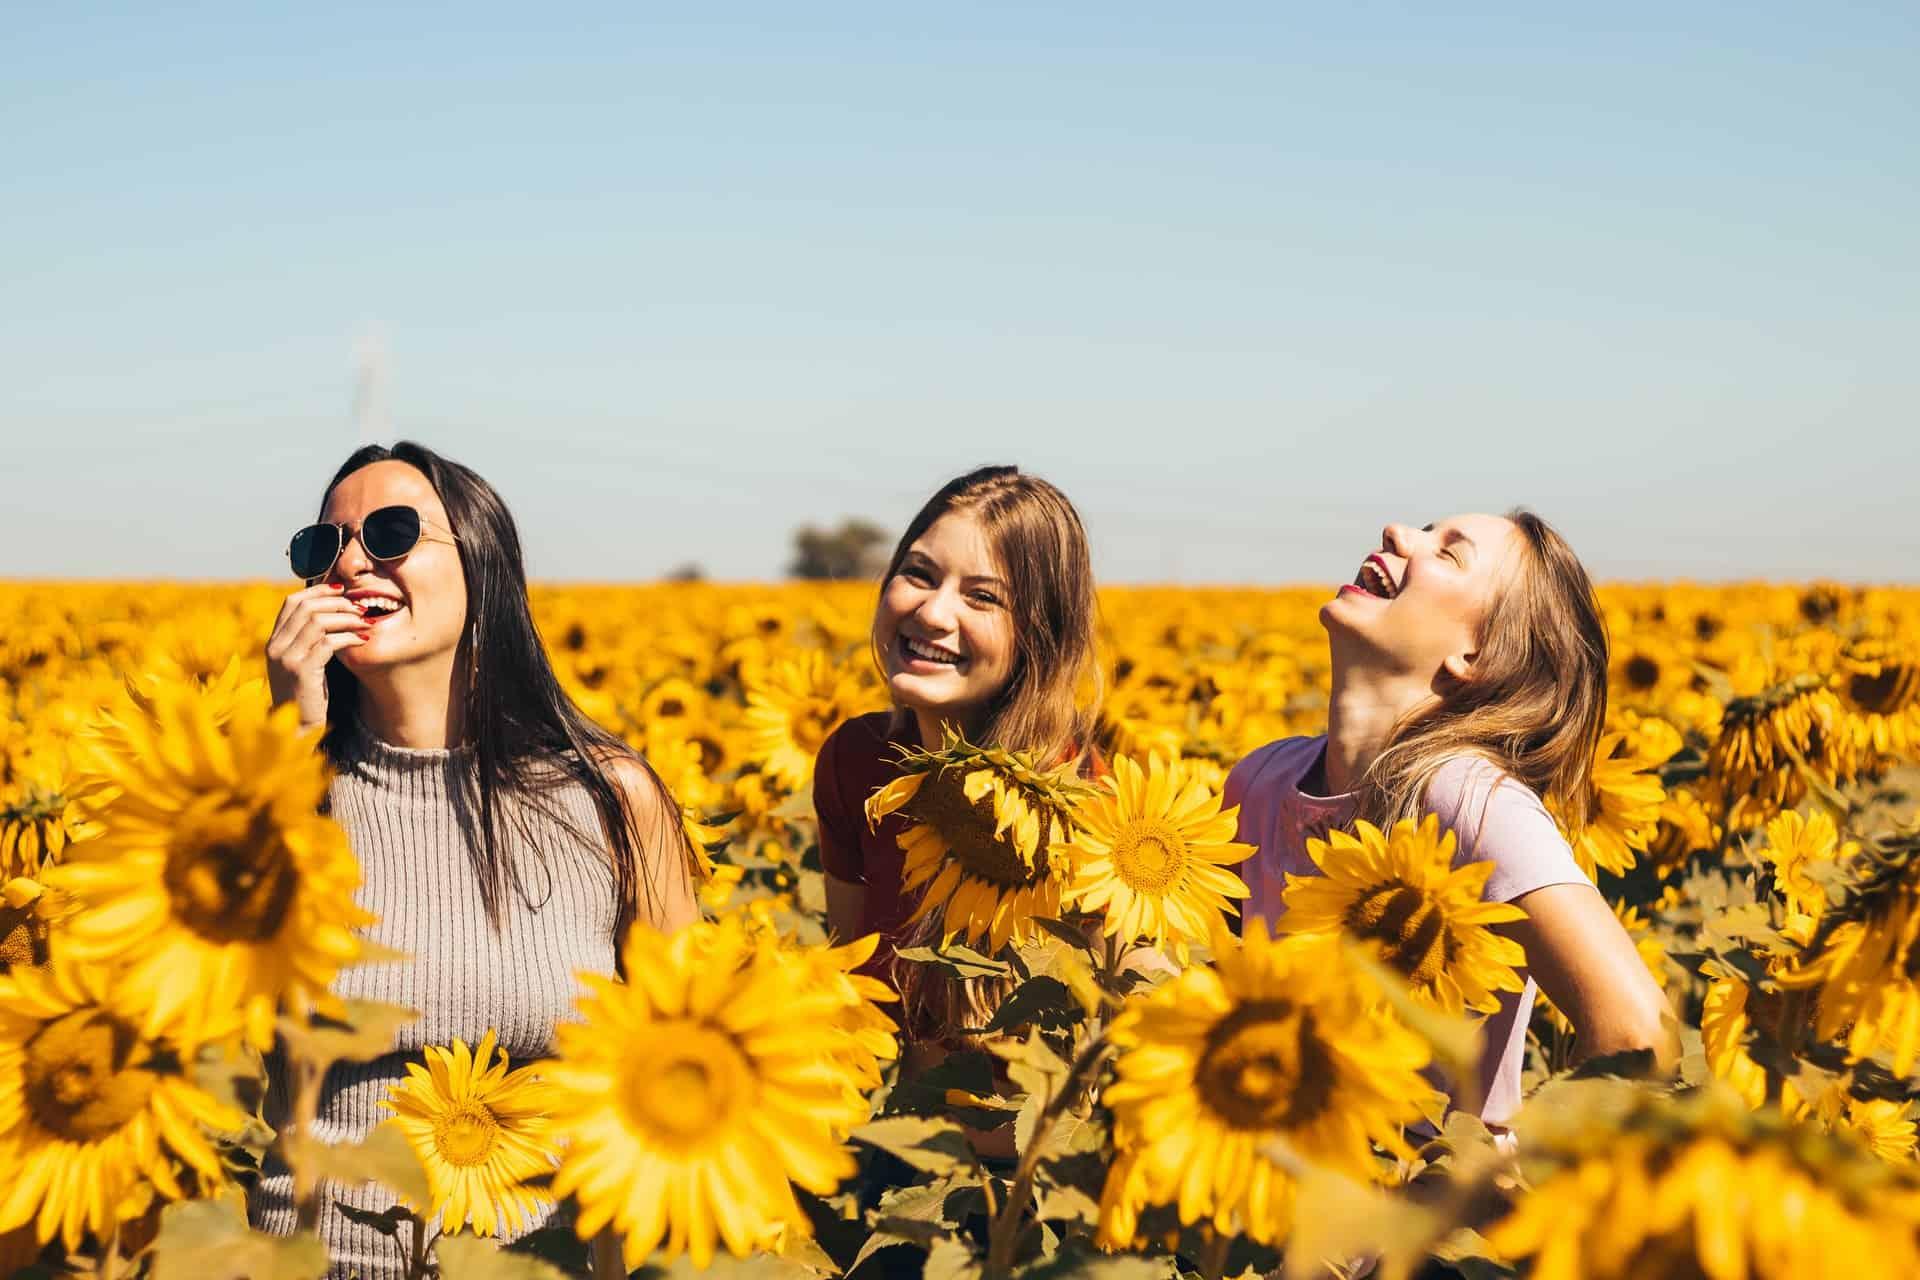 Freunde, die in einem Sonnenblumenfeld lachen